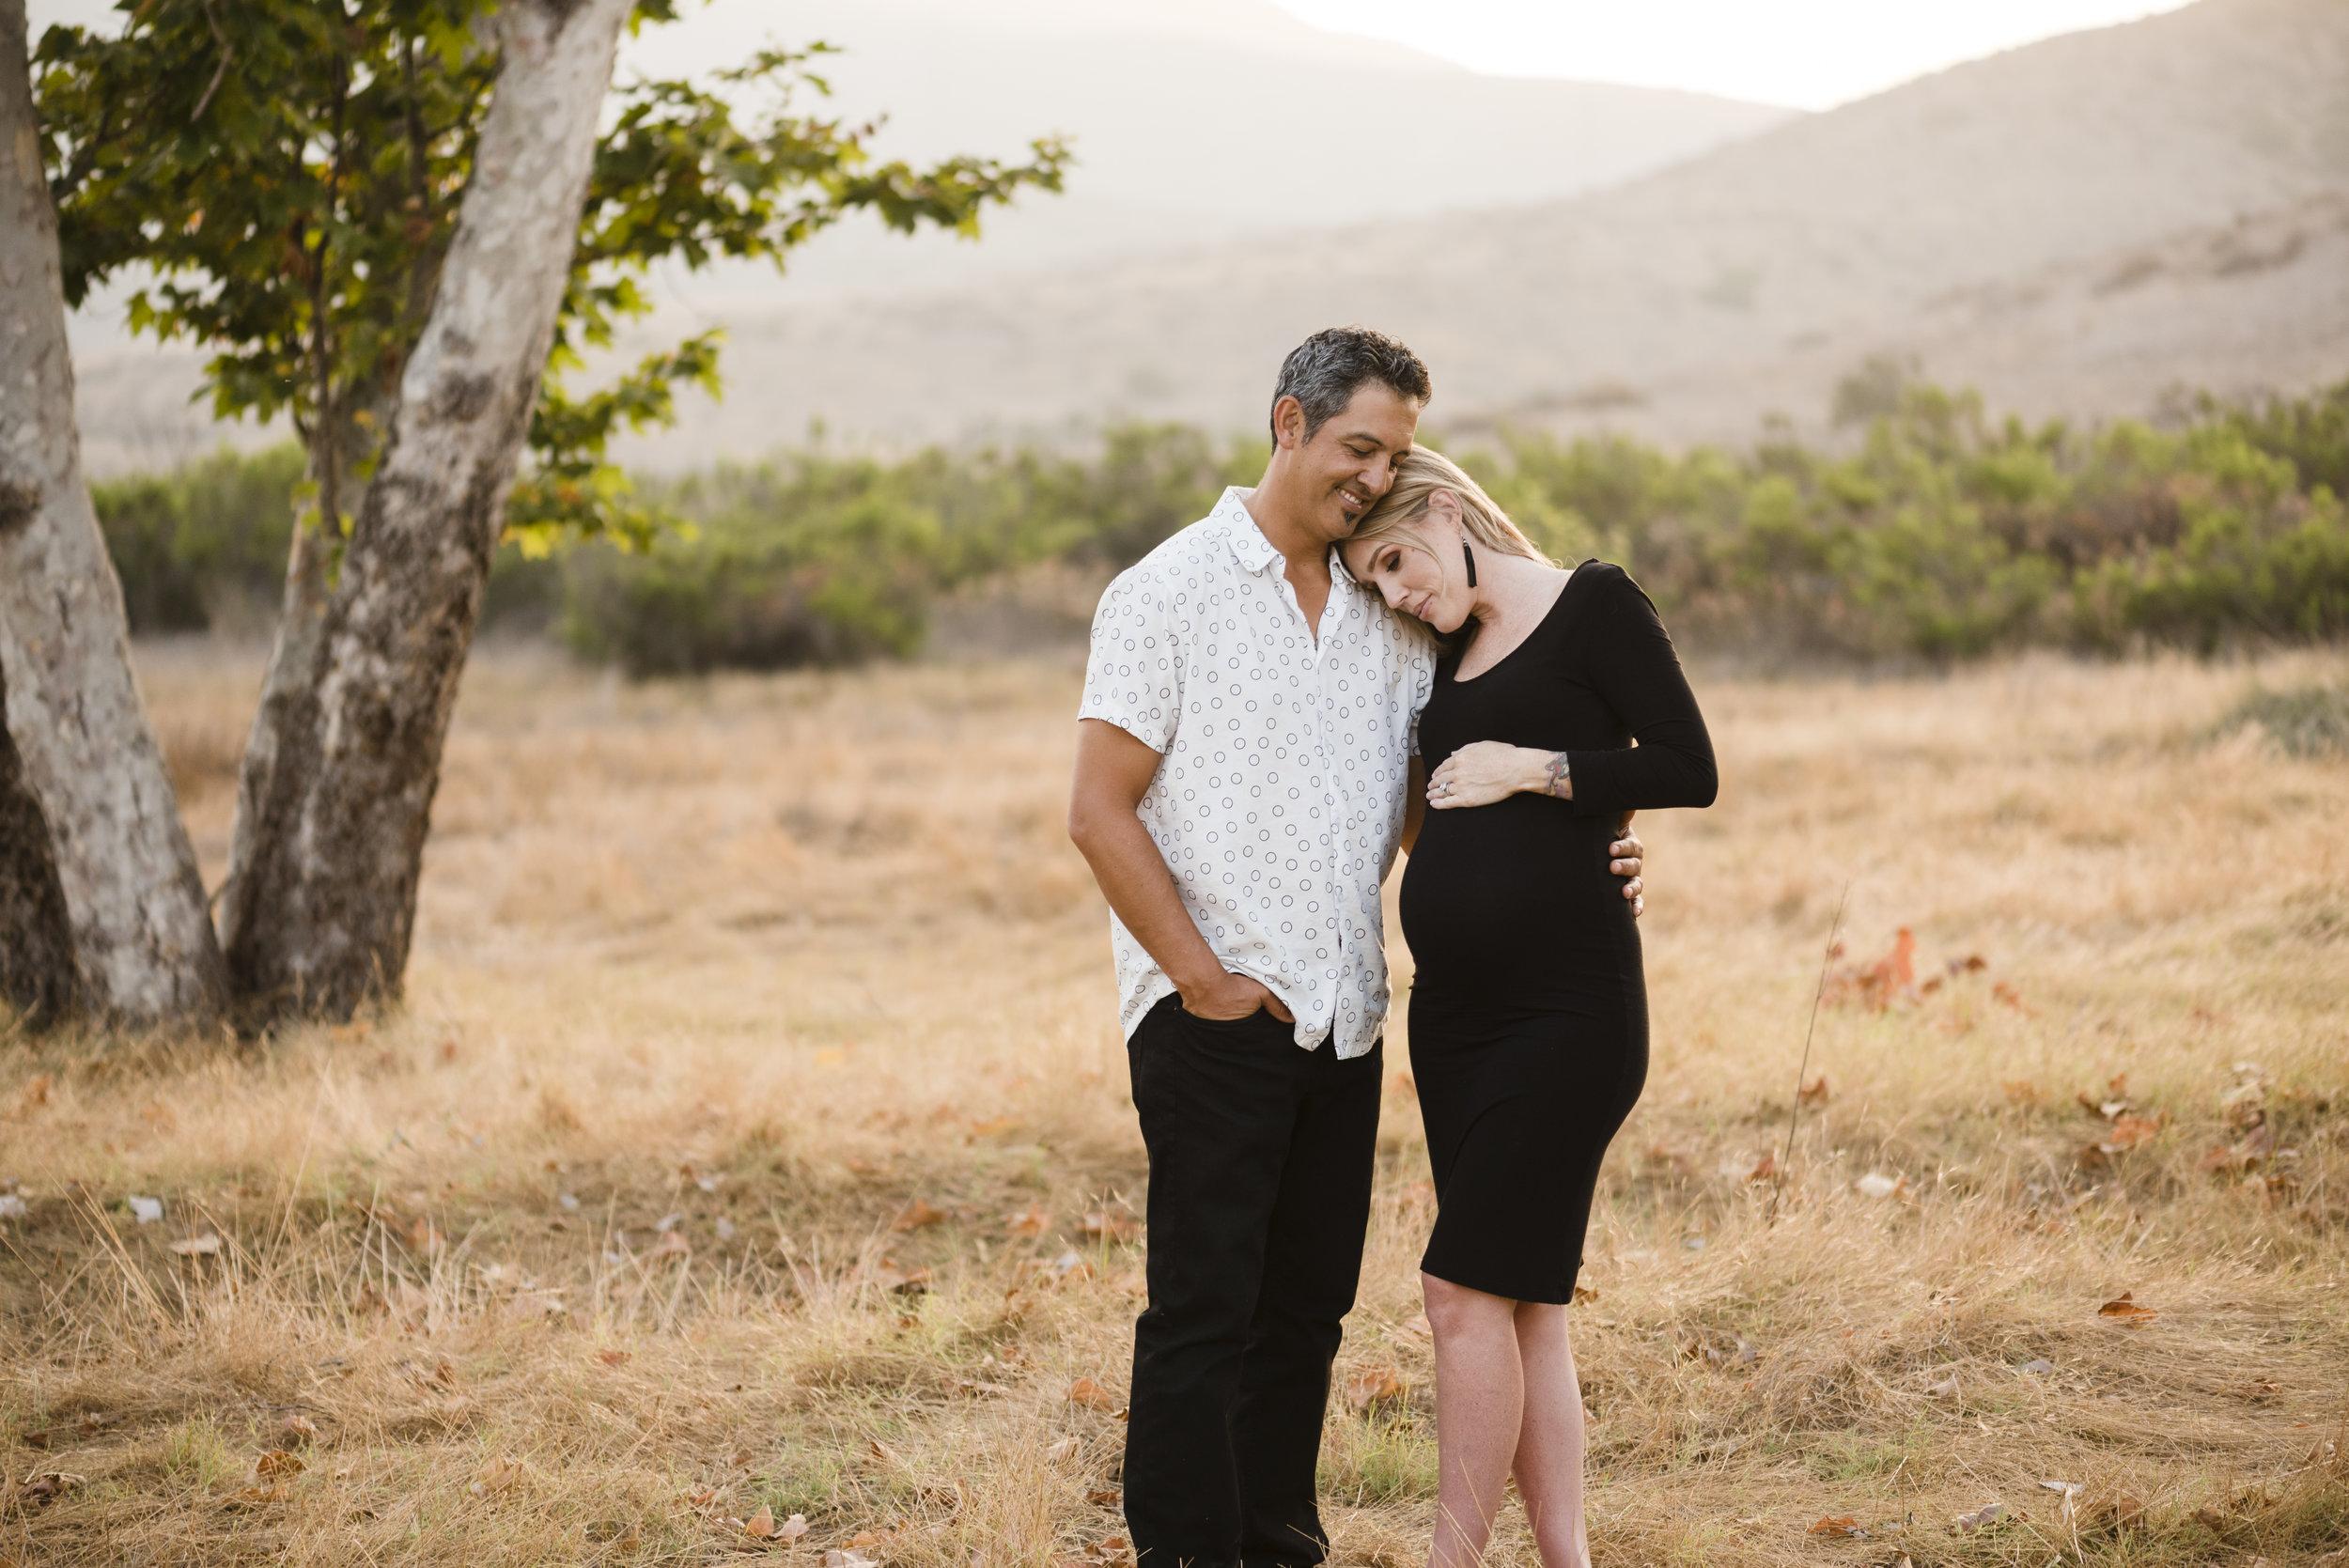 San Diego Maternity Photos9.jpg